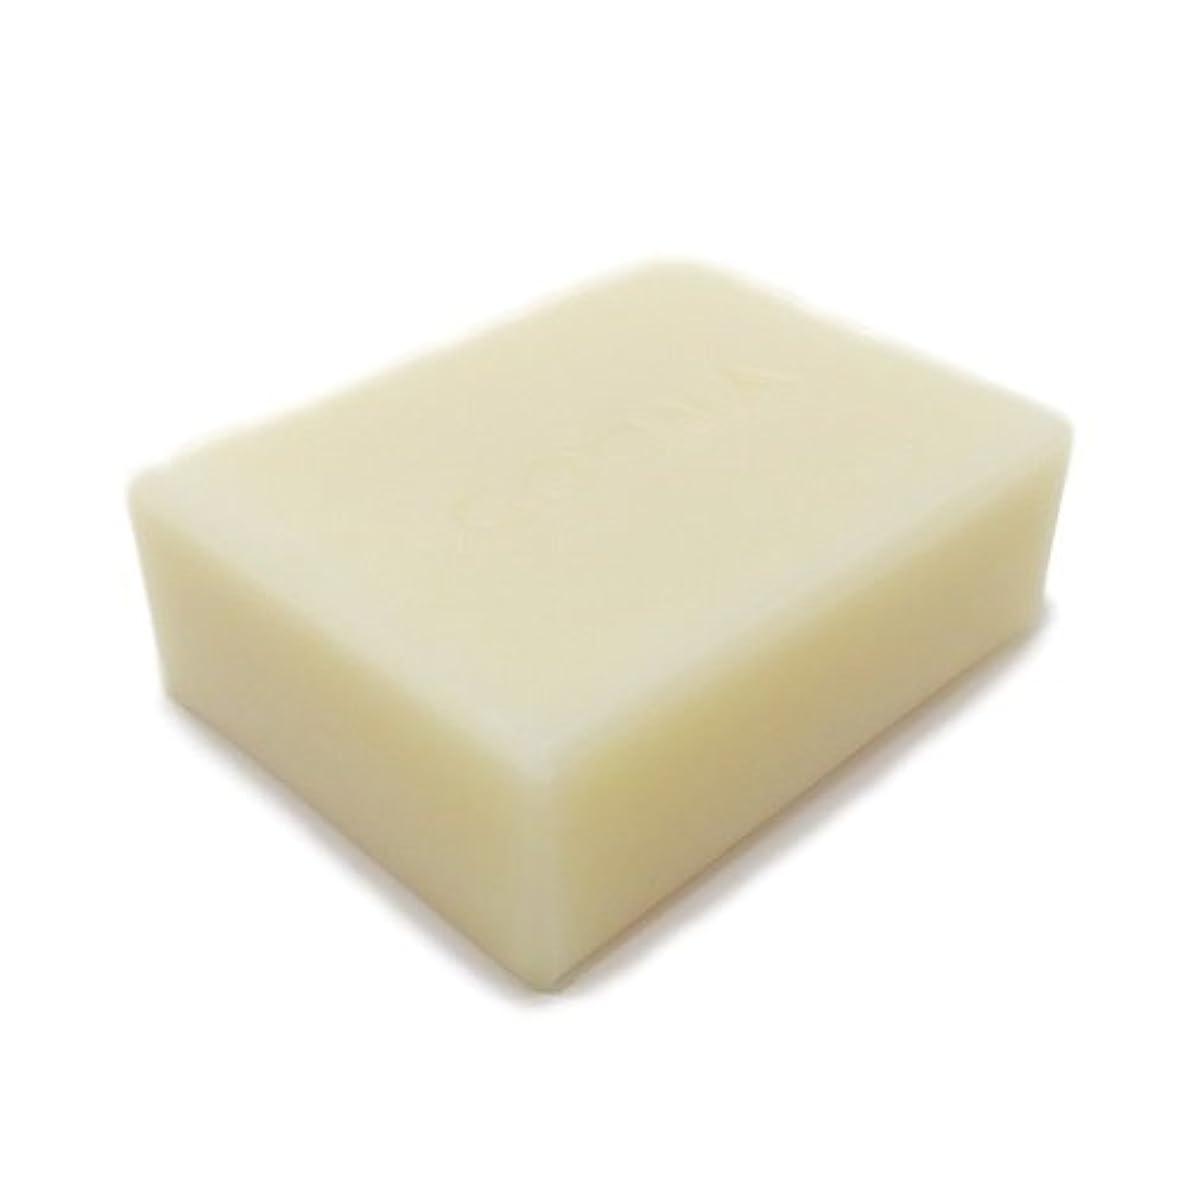 恐れるパイプグラフィック浴用石鹸 COONA和の香り石けん はっか (天然素材 自然派 コールドプロセス 手作り せっけん) 80g